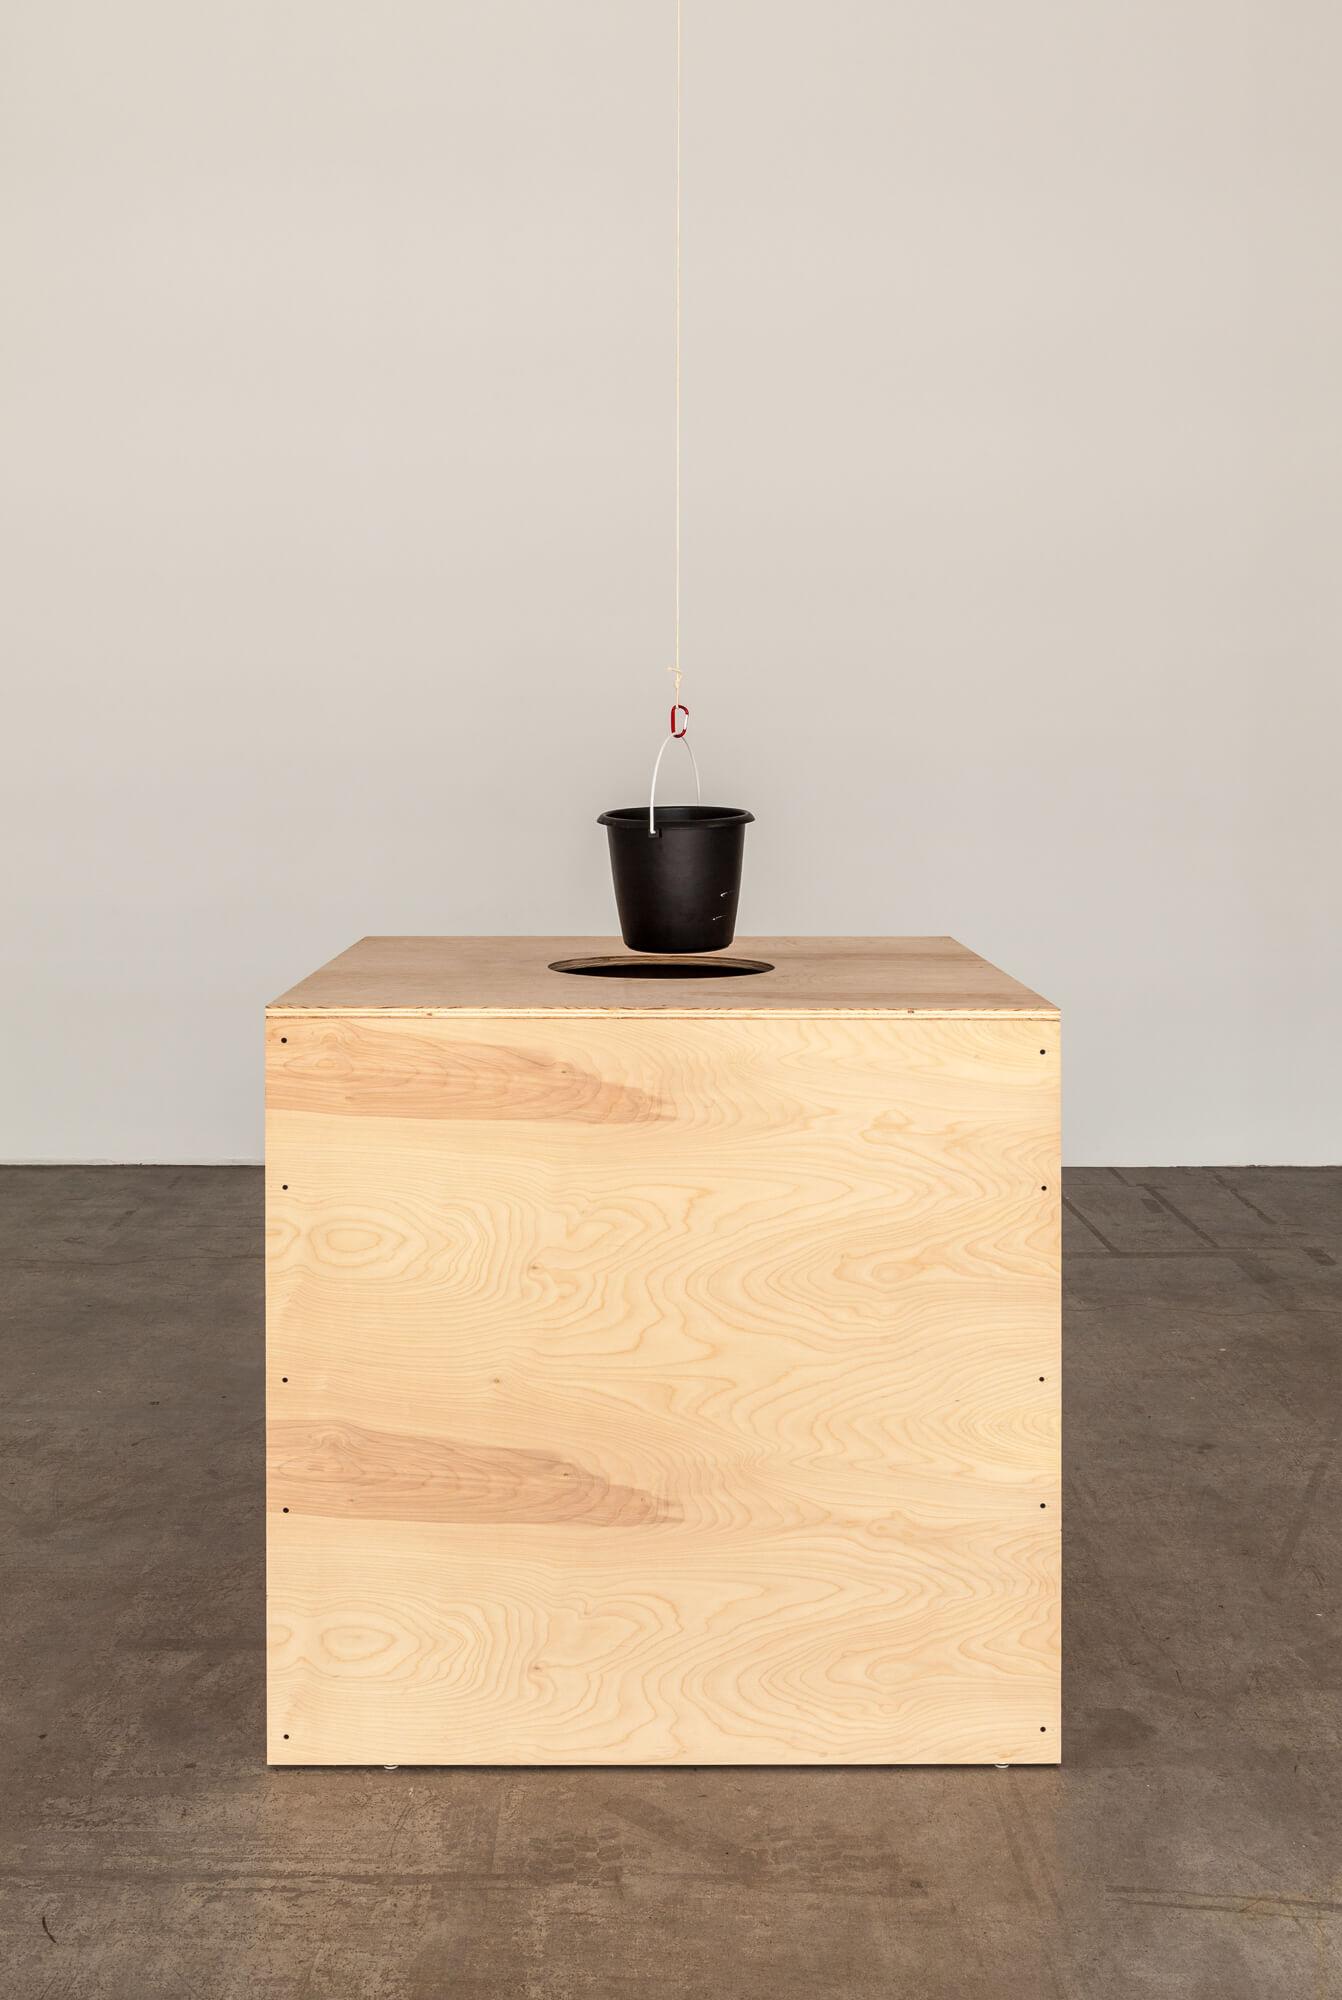 Roman Signer, Pendel (Pendulum) Swiss Institute